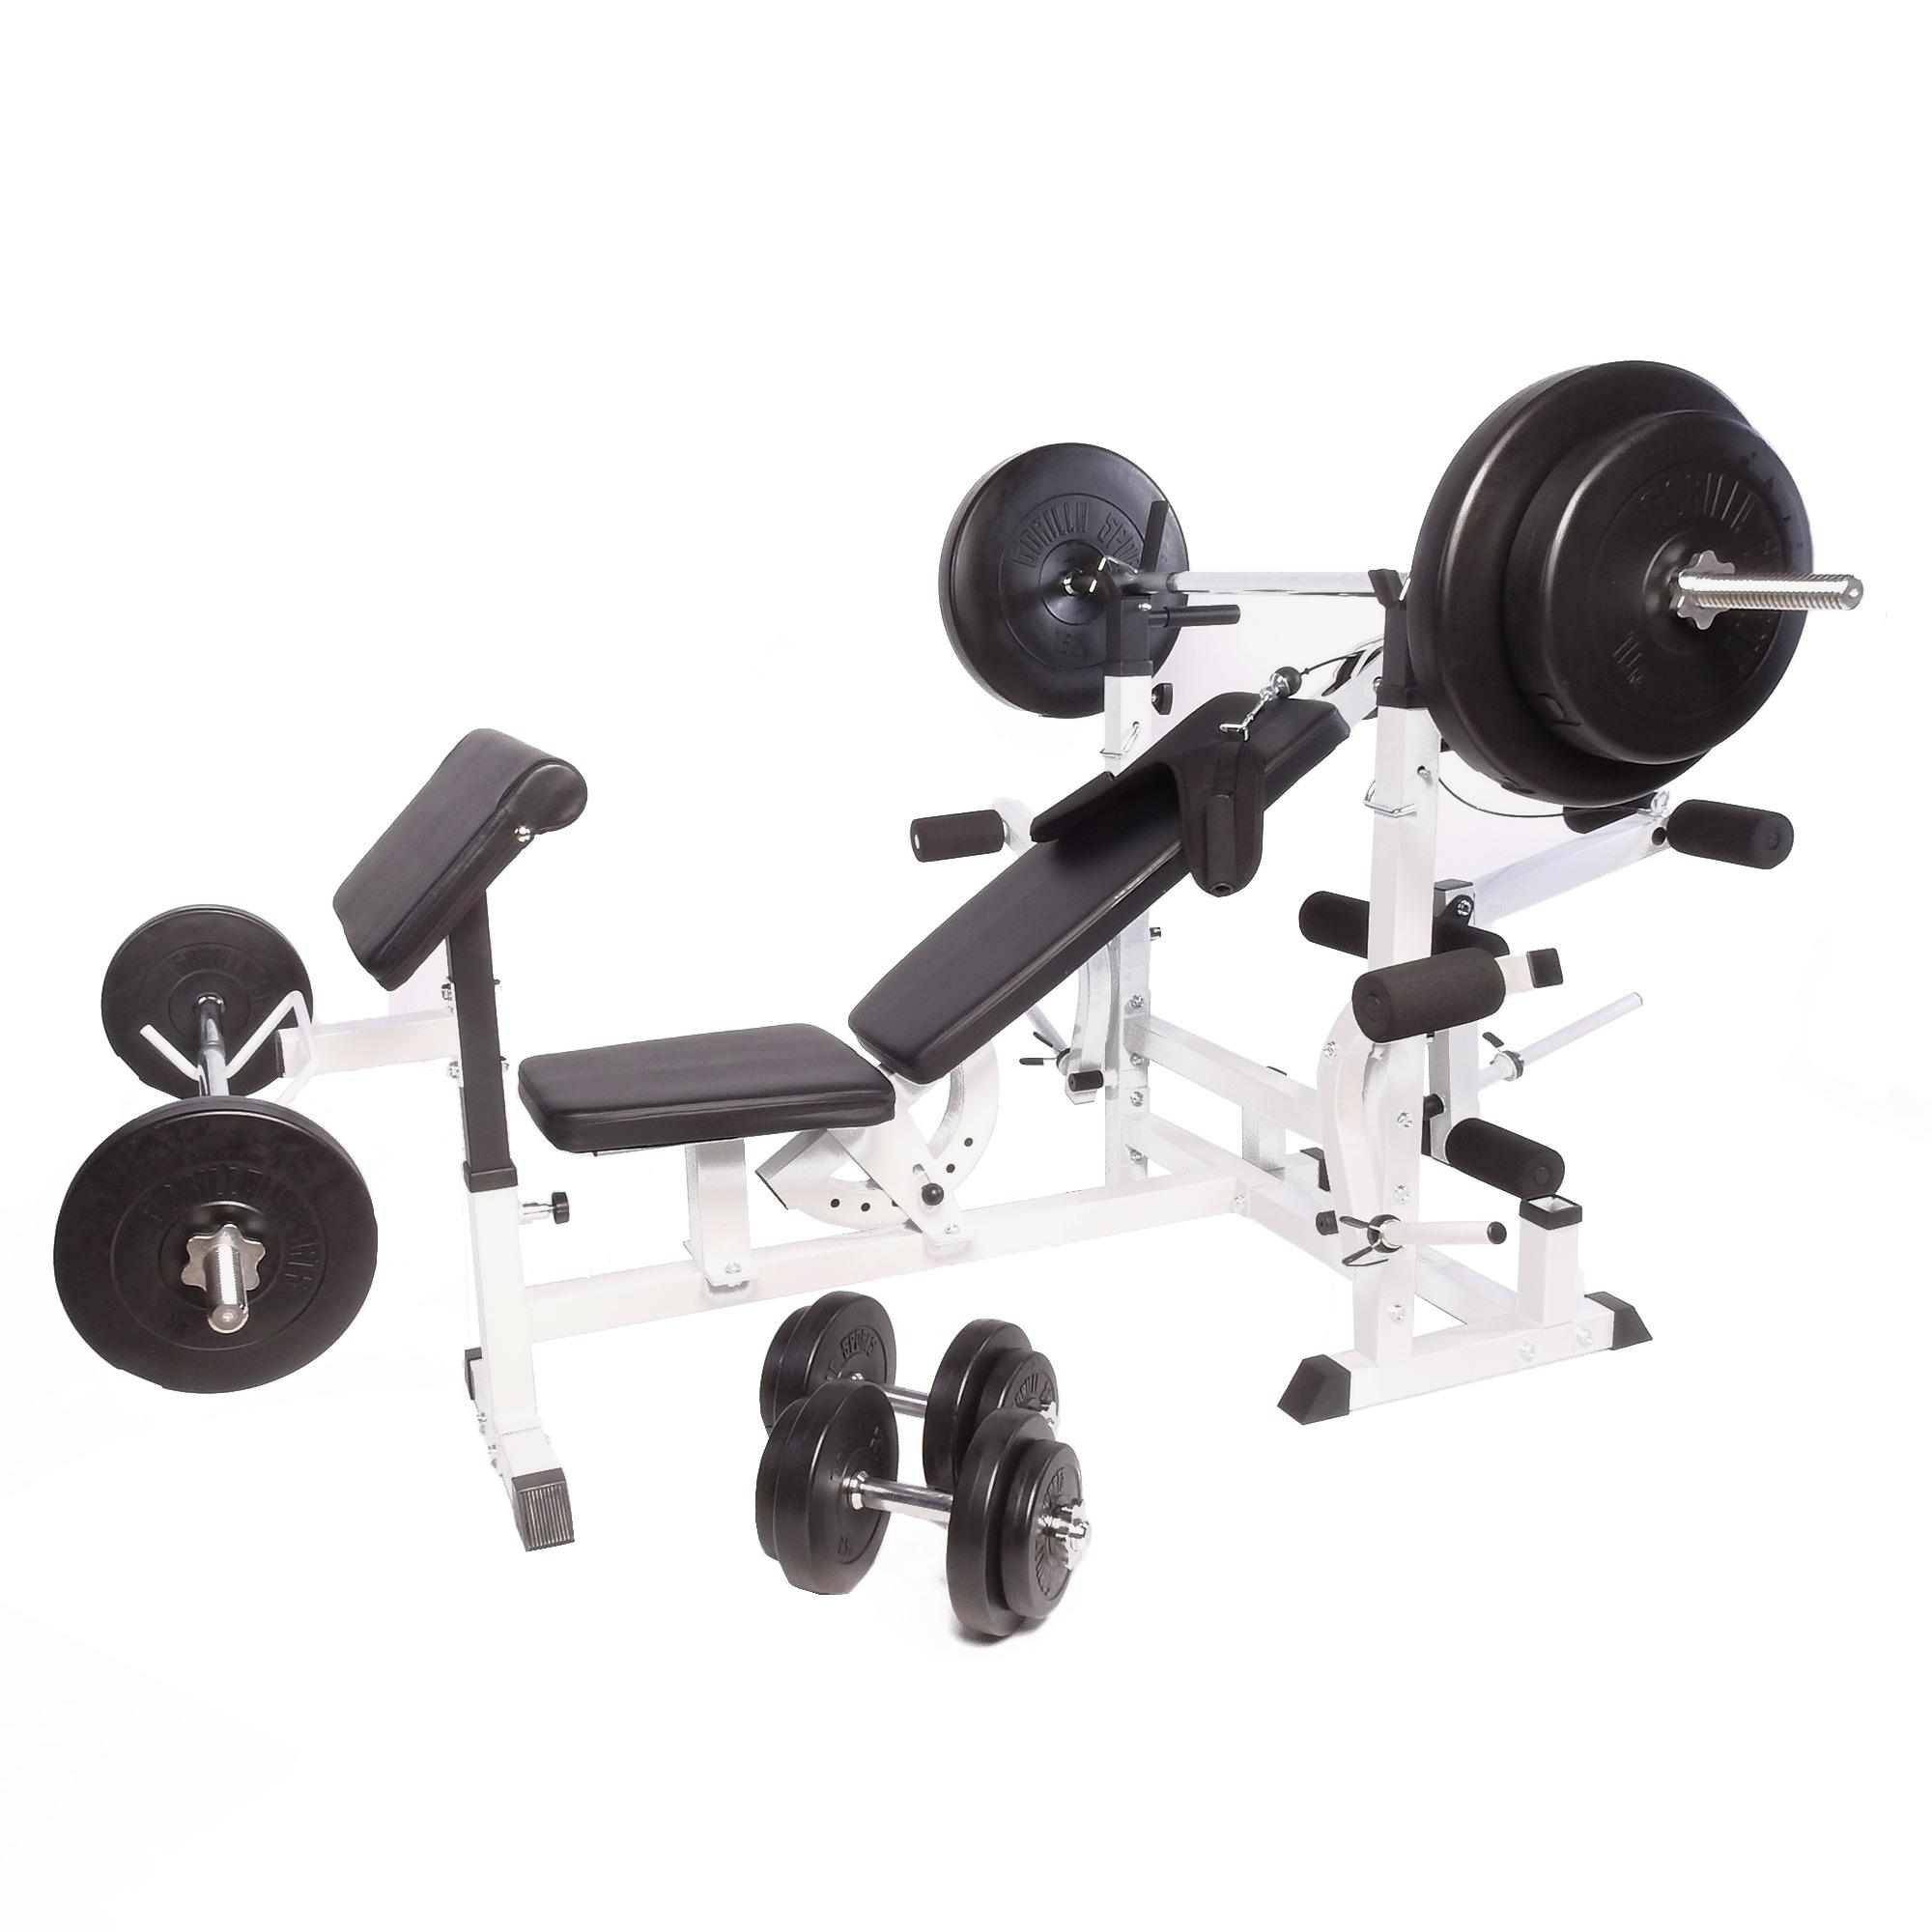 Banc De Musculation Universel Gs005 Set Haltères Disques